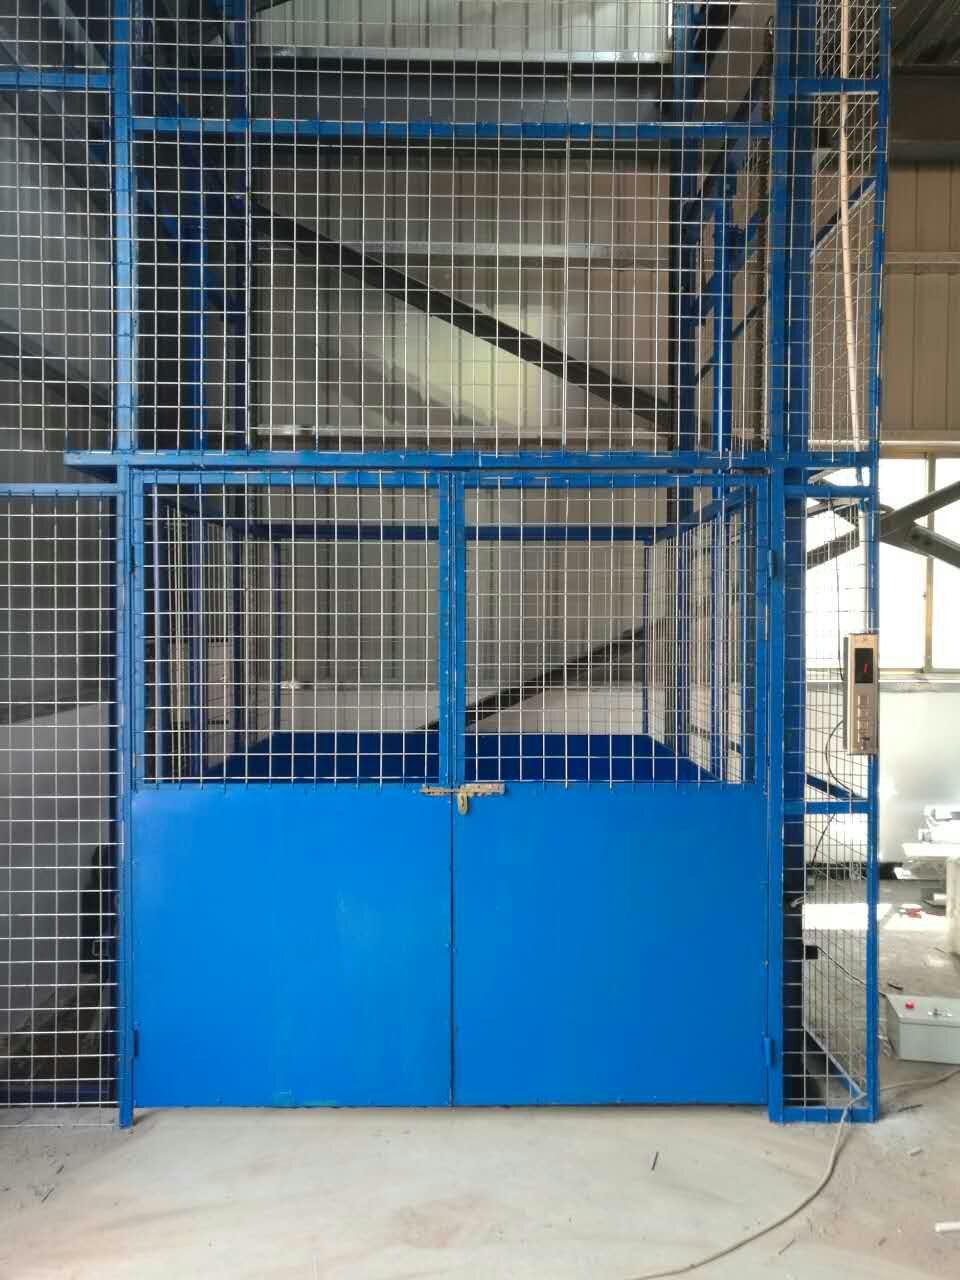 固定式升降平台  升降梯厂家固定式液压升降平台导轨式升降货梯工厂简易货梯 固定式升降平台